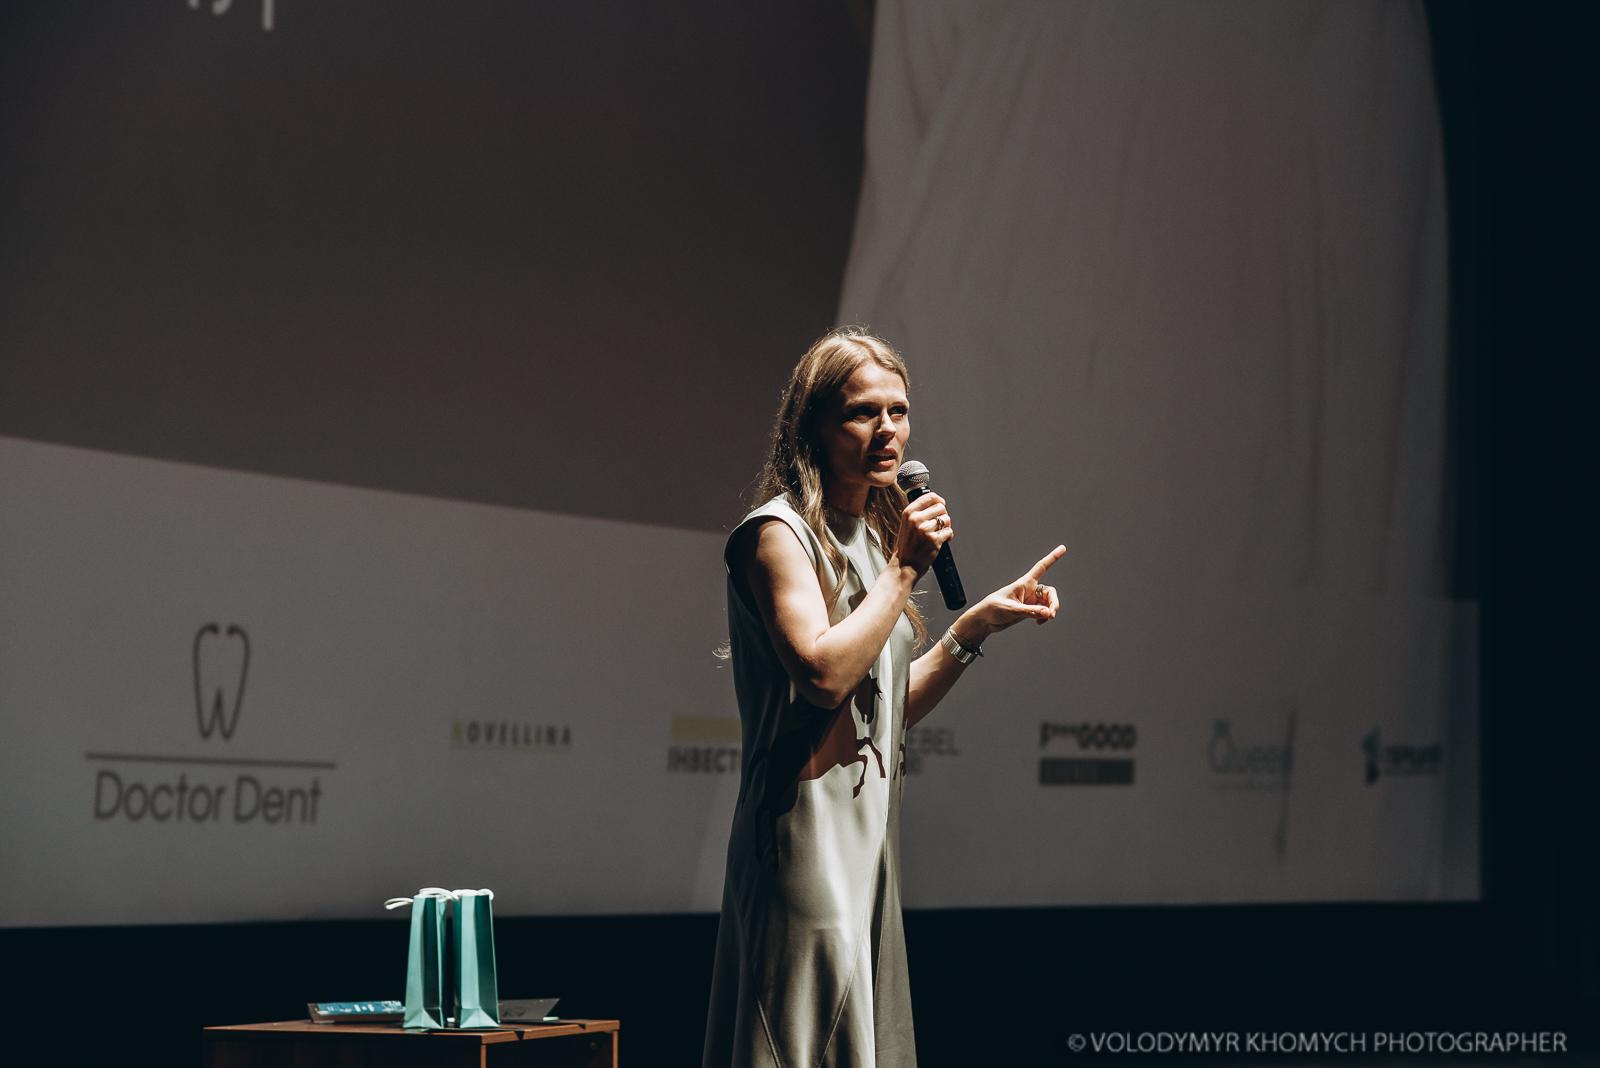 Кар'єра, діти, гроші, секс: про що говорила Ольга Фреймут у Луцьку